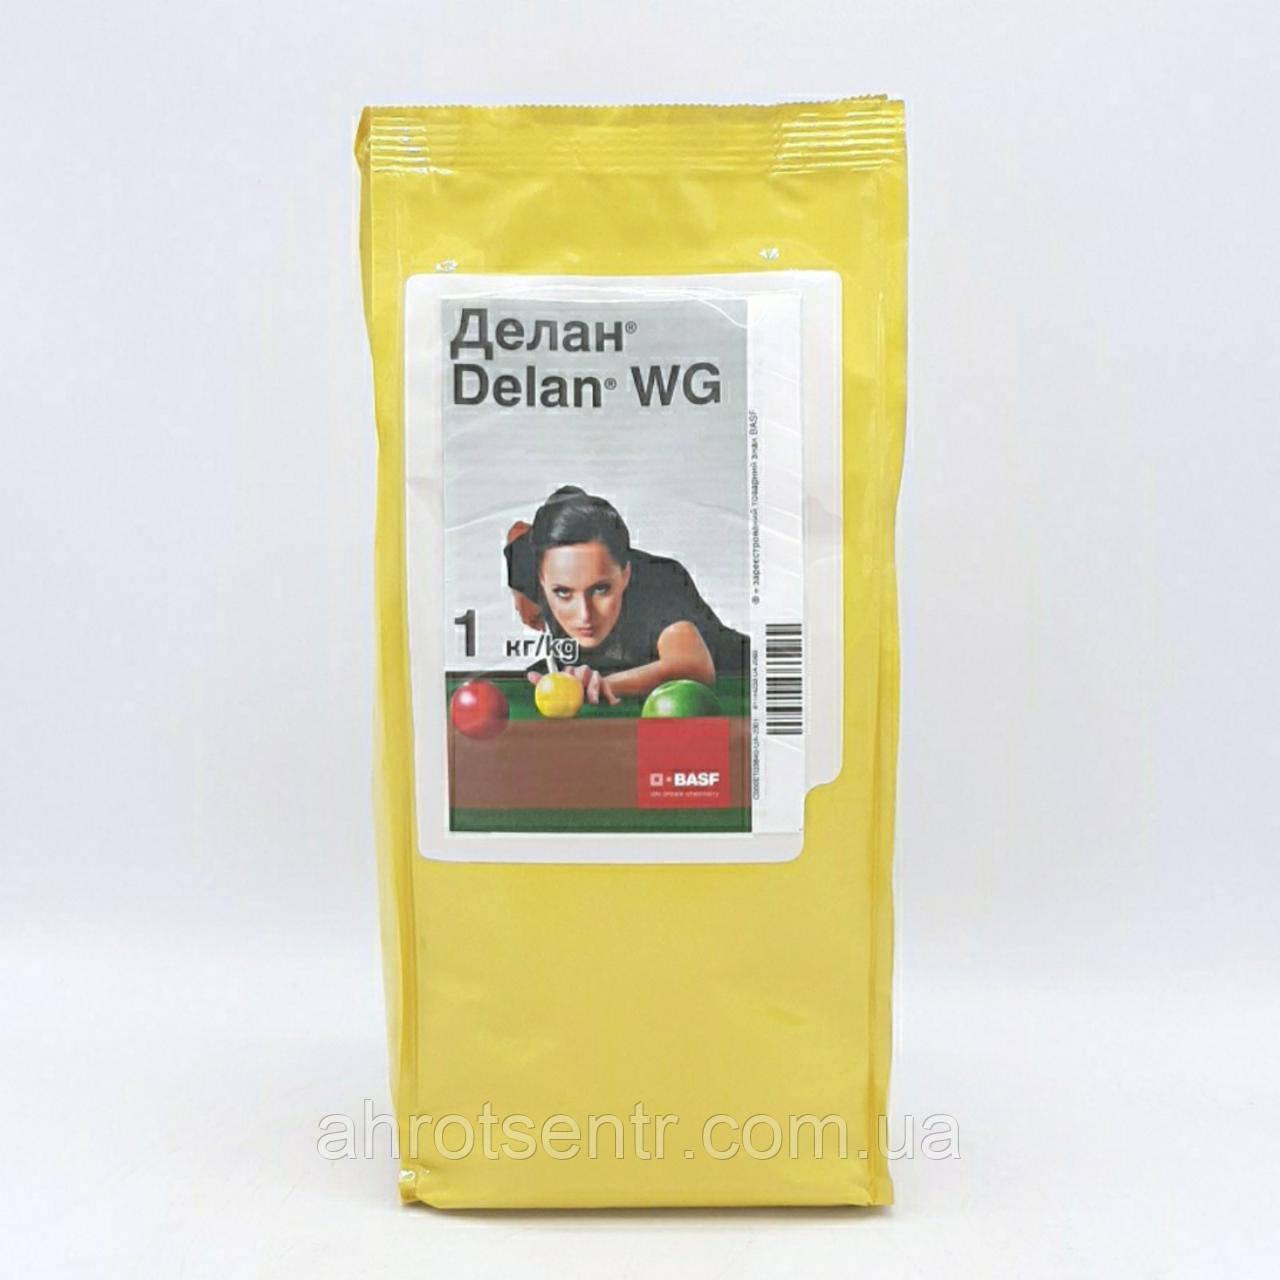 Фунгицид Делан 1 кг BASF Басф Германия